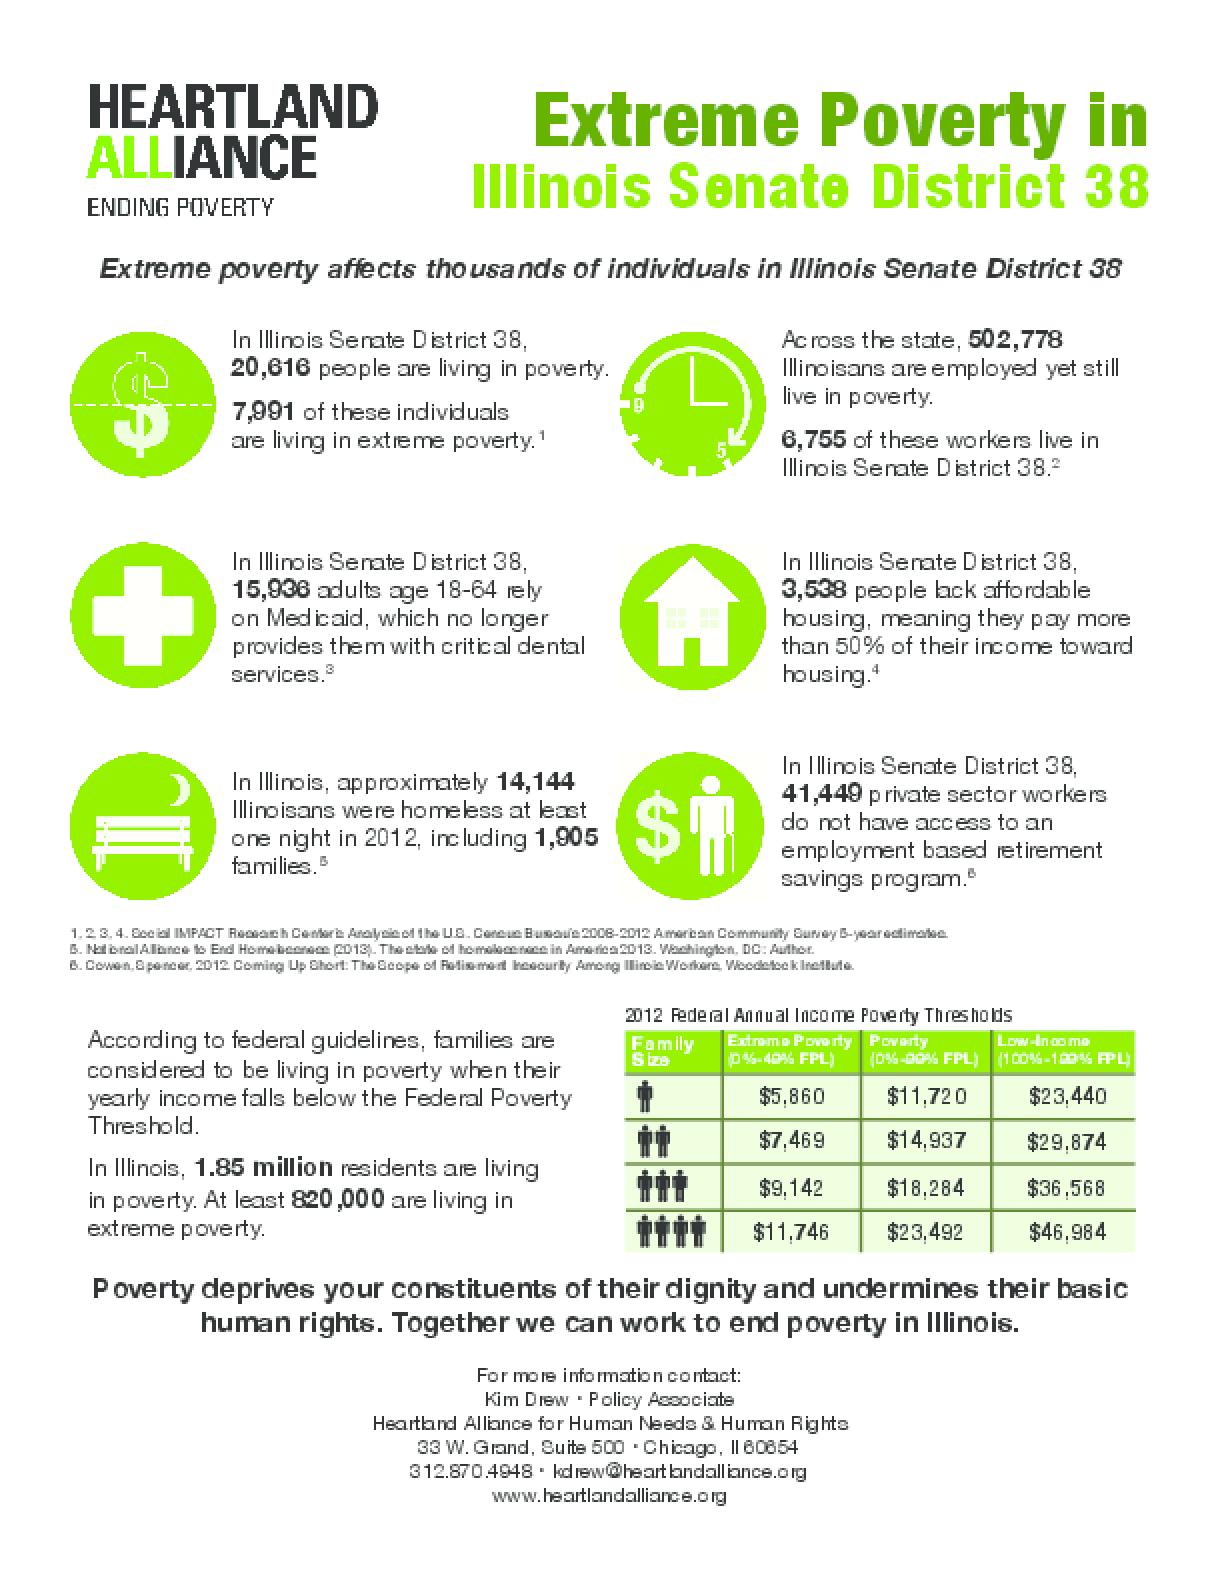 Poverty Fact Sheet for Illinois Senate District 38